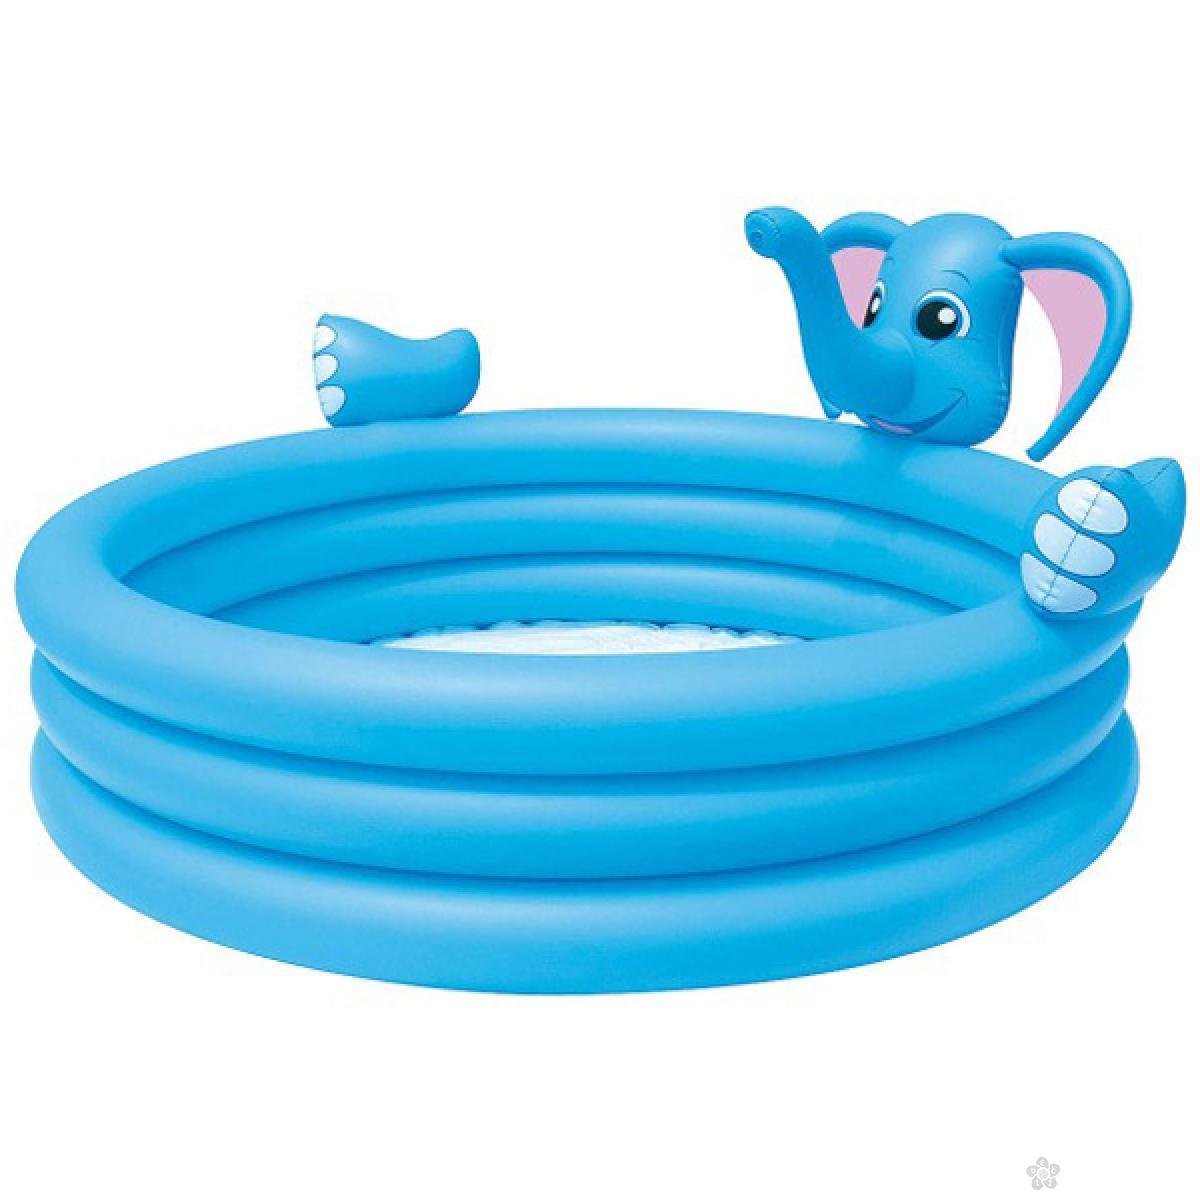 Dečiji bazen Bestway Slon sa prskalicom, 53048